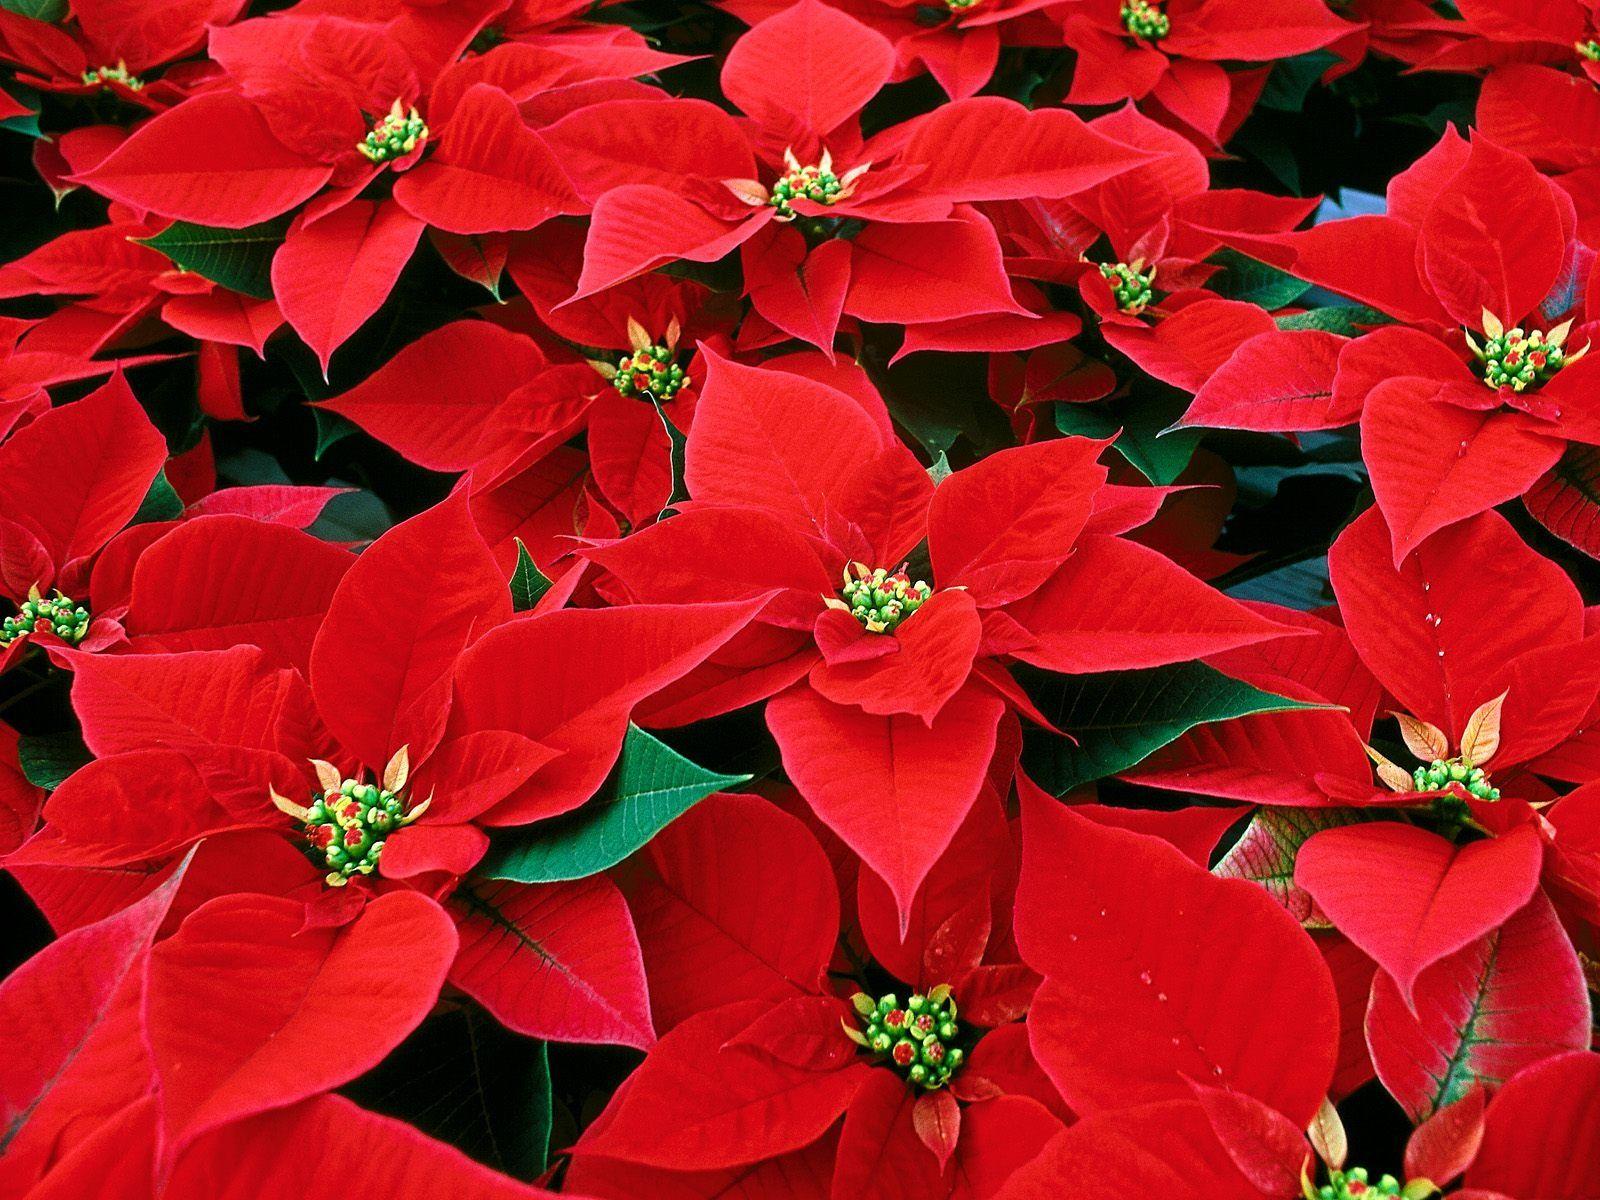 Cuidados de la flor de pascua arreglofloral cuidadosflordepascua flordepascua http - Cuidados planta navidad ...